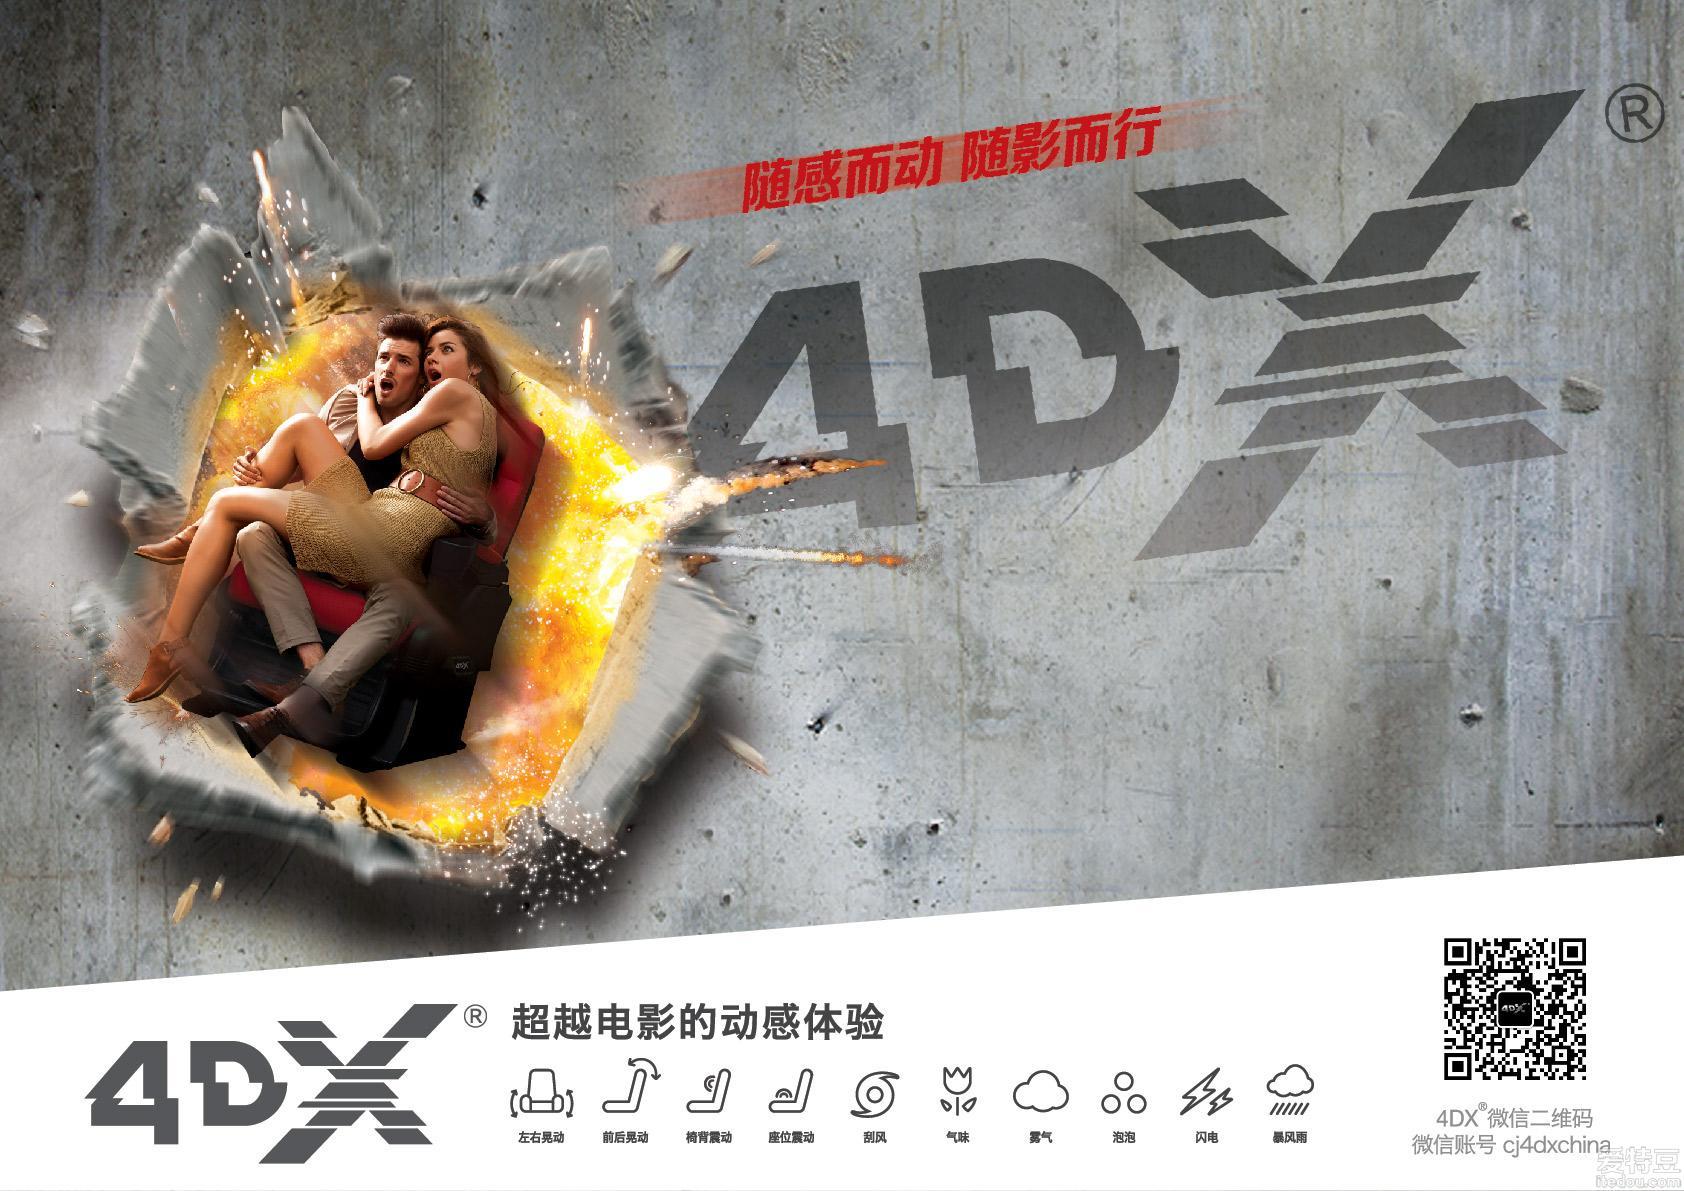 第三季度4DX全球票房创新高9000万美元